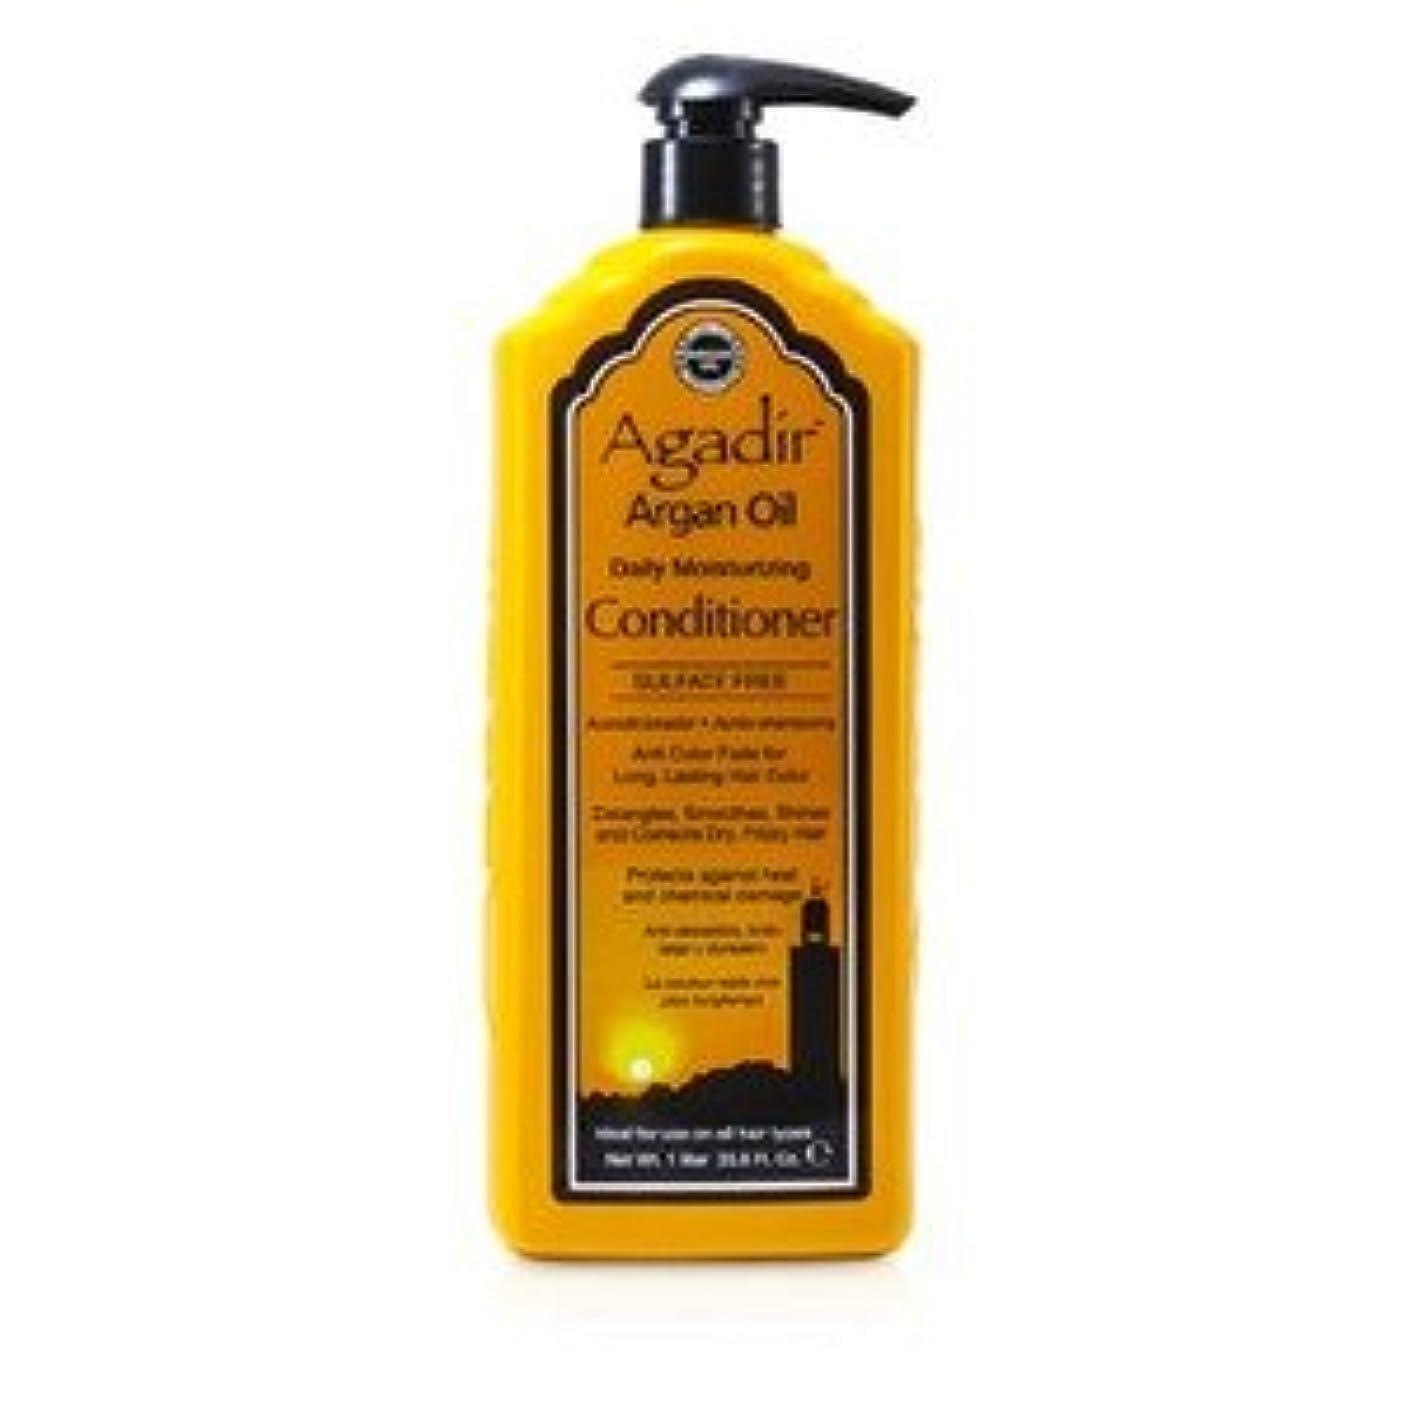 柔らかい足ビット全国アガディール(Agadir) デイリー モイスチャライジング コンディショナー(全ての髪質へ) 1000ml/33.8oz [並行輸入品]